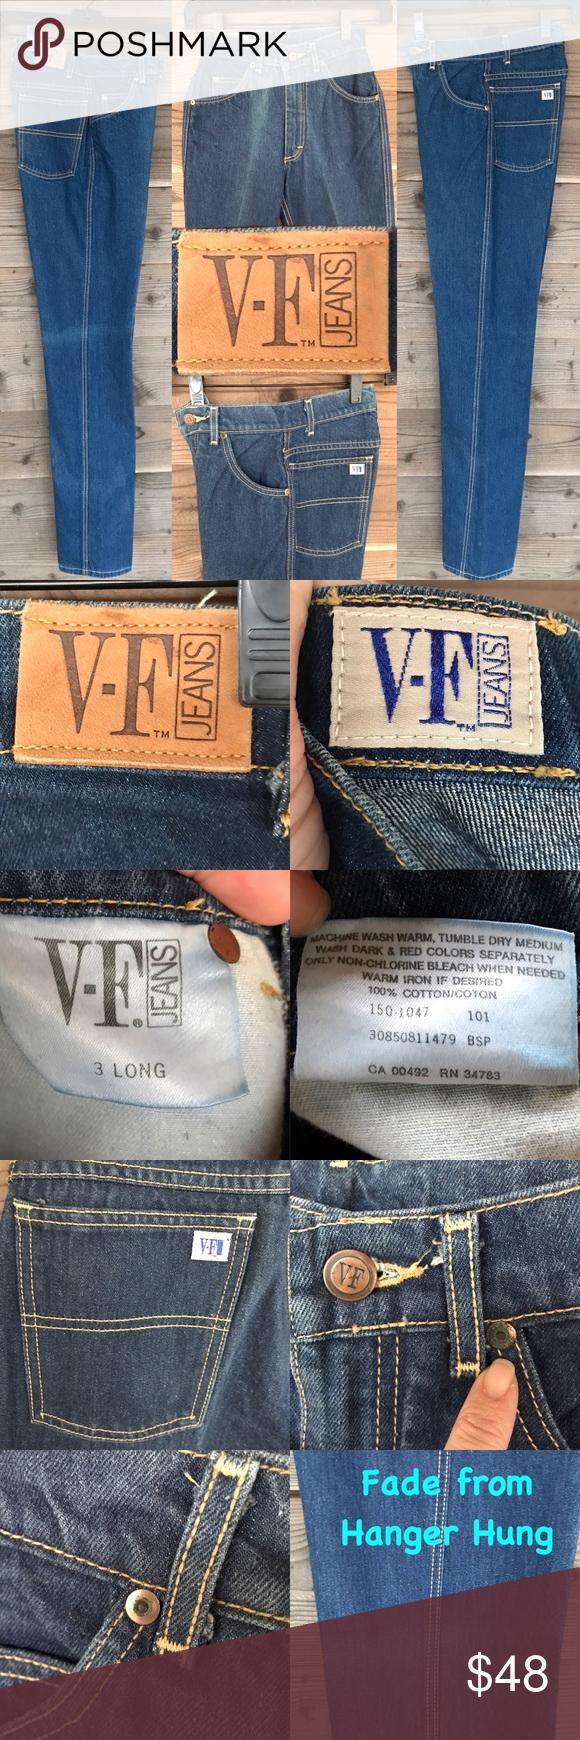 V F Jeans Vintage Creased Mom Jeans Sz 3 Long Mom Jeans Vintage Jeans Jeans Material